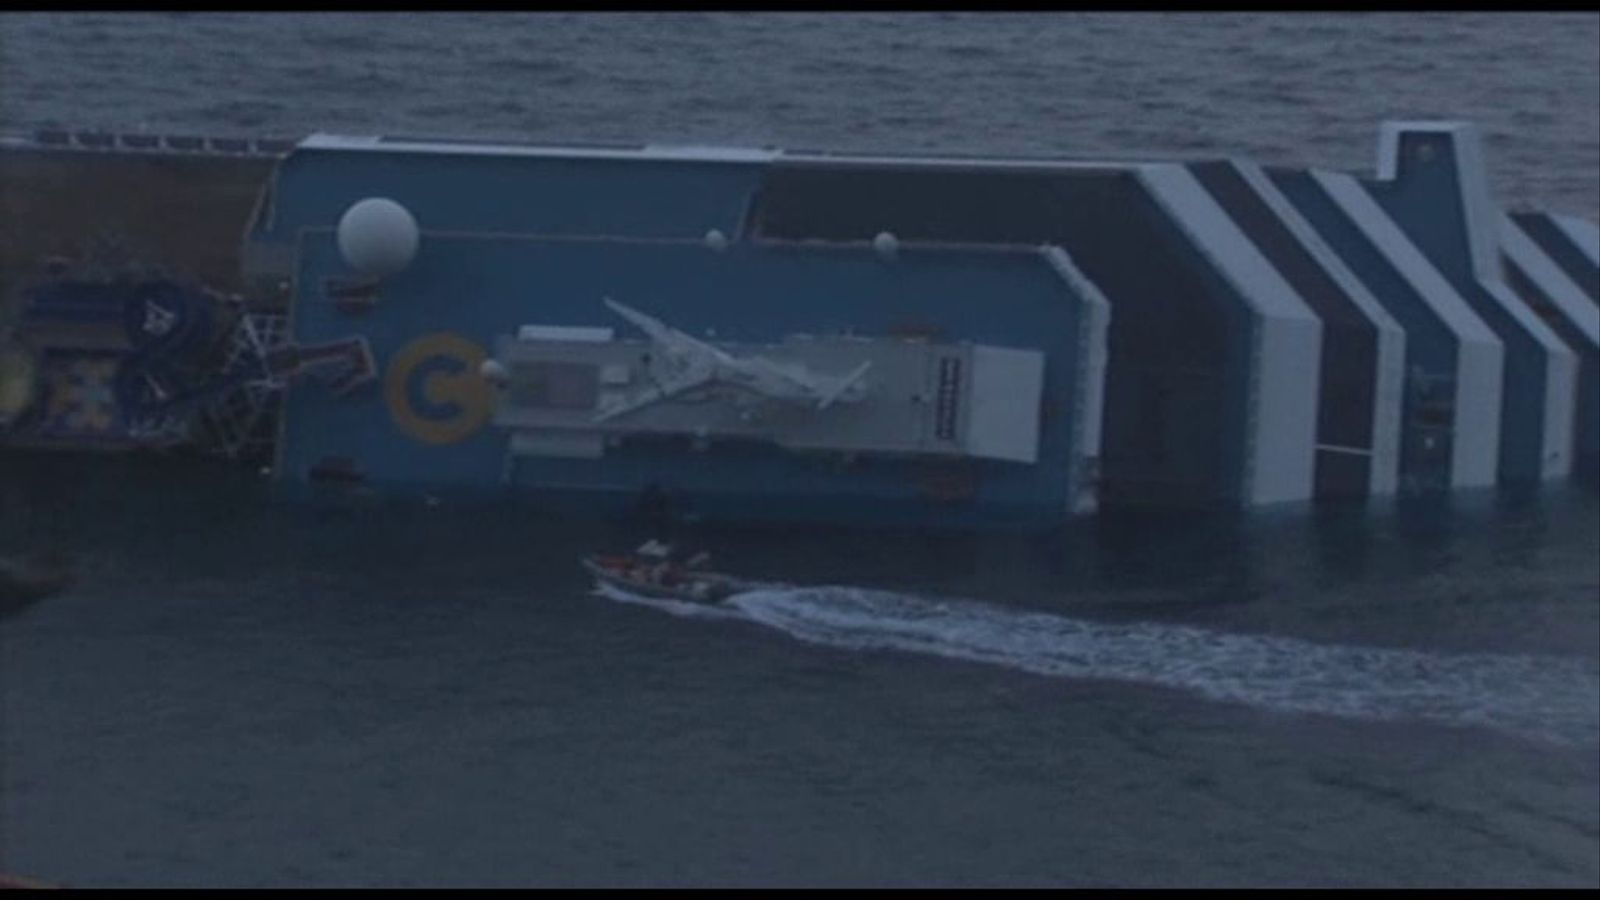 Dificultats per continuar el rescat de víctimes al Costa Concordia